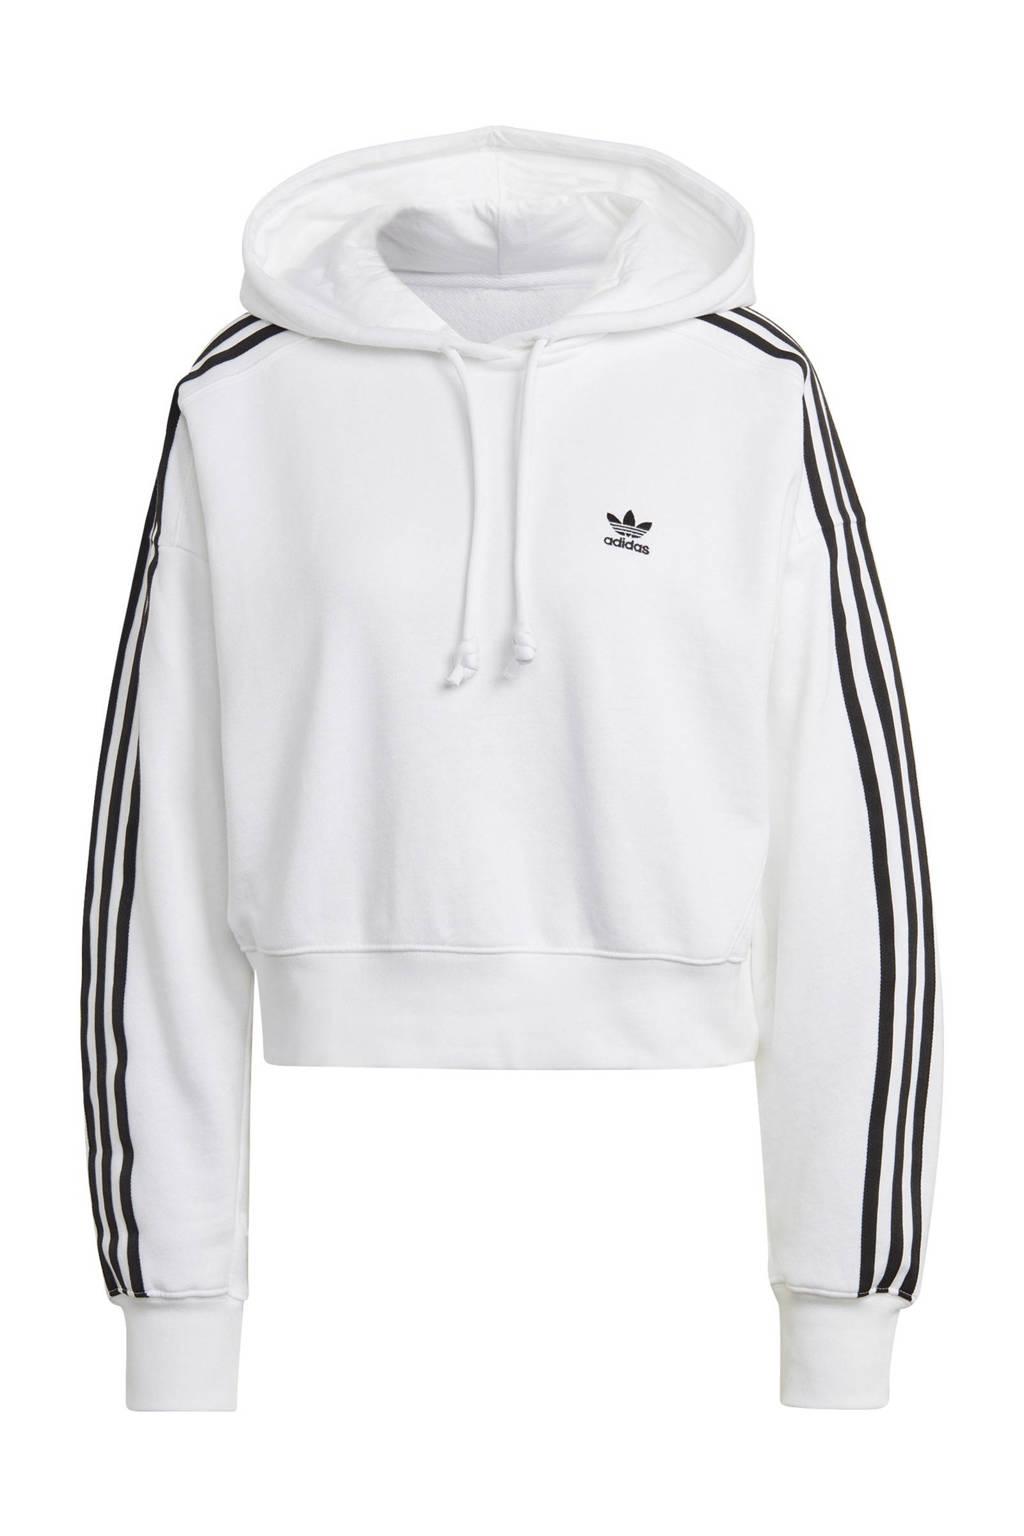 adidas Originals Adicolor hoodie wit, Wit